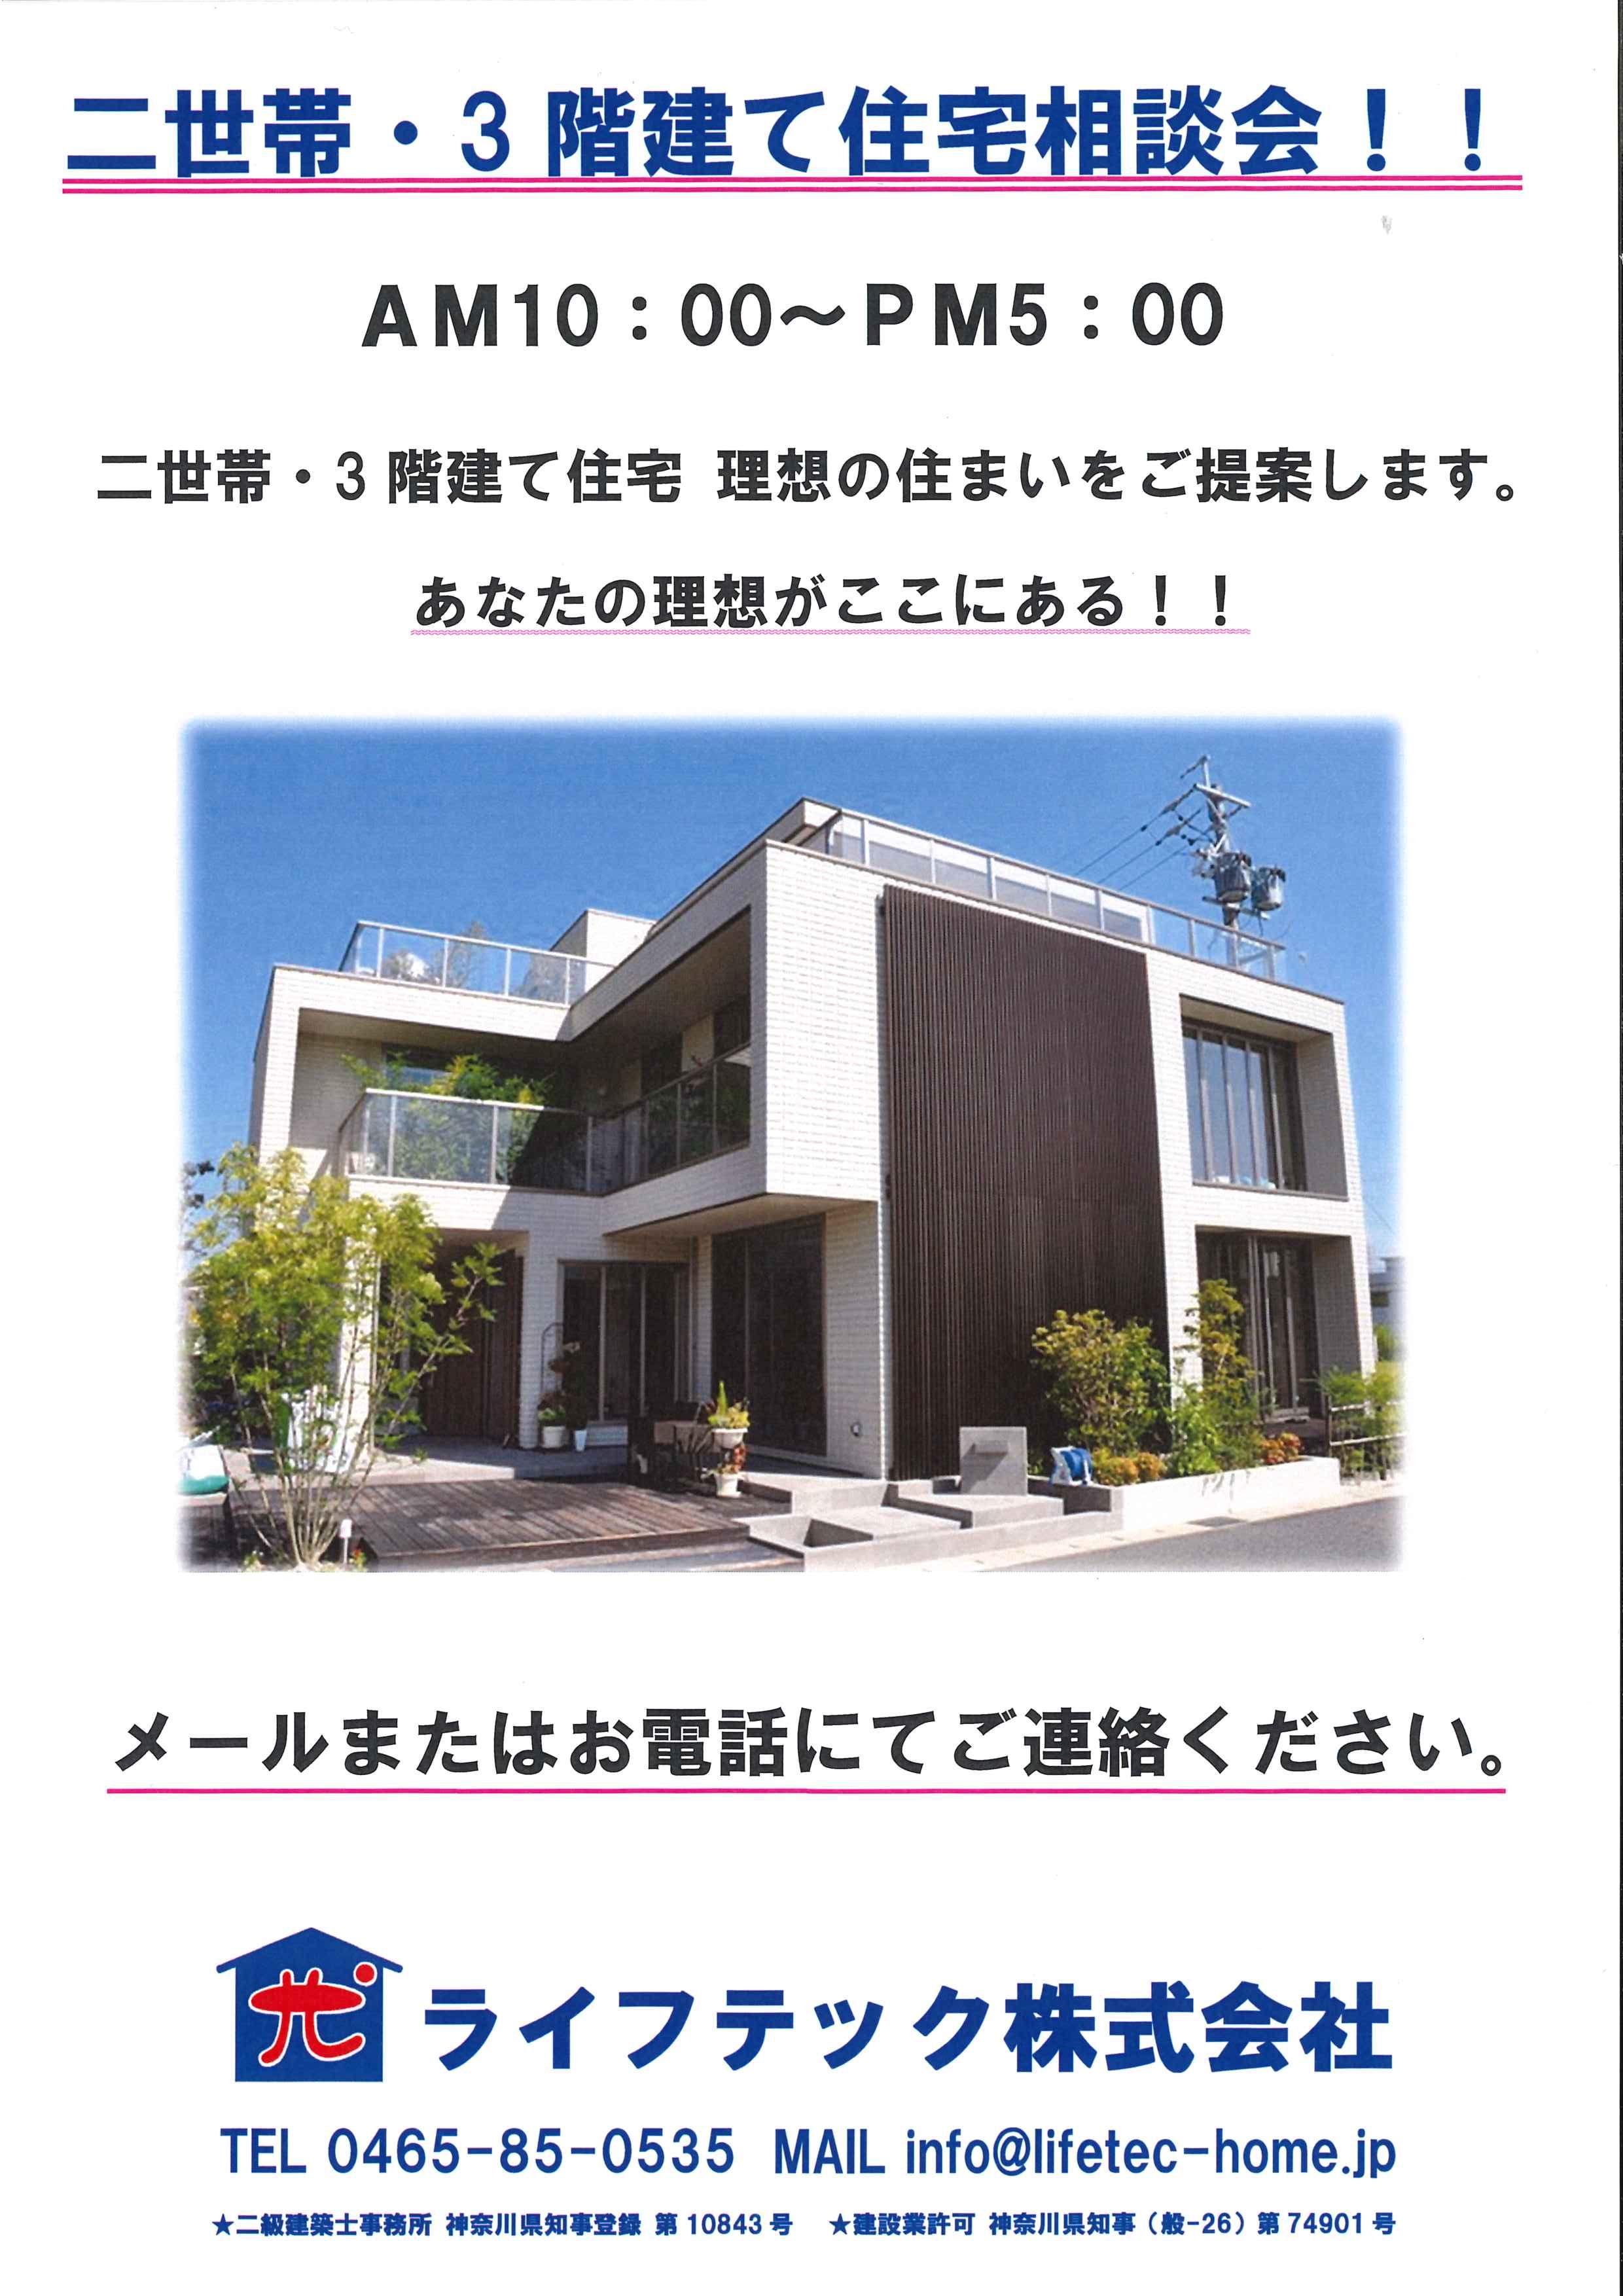 『二世帯・3階建て住宅相談会』のお知らせ!